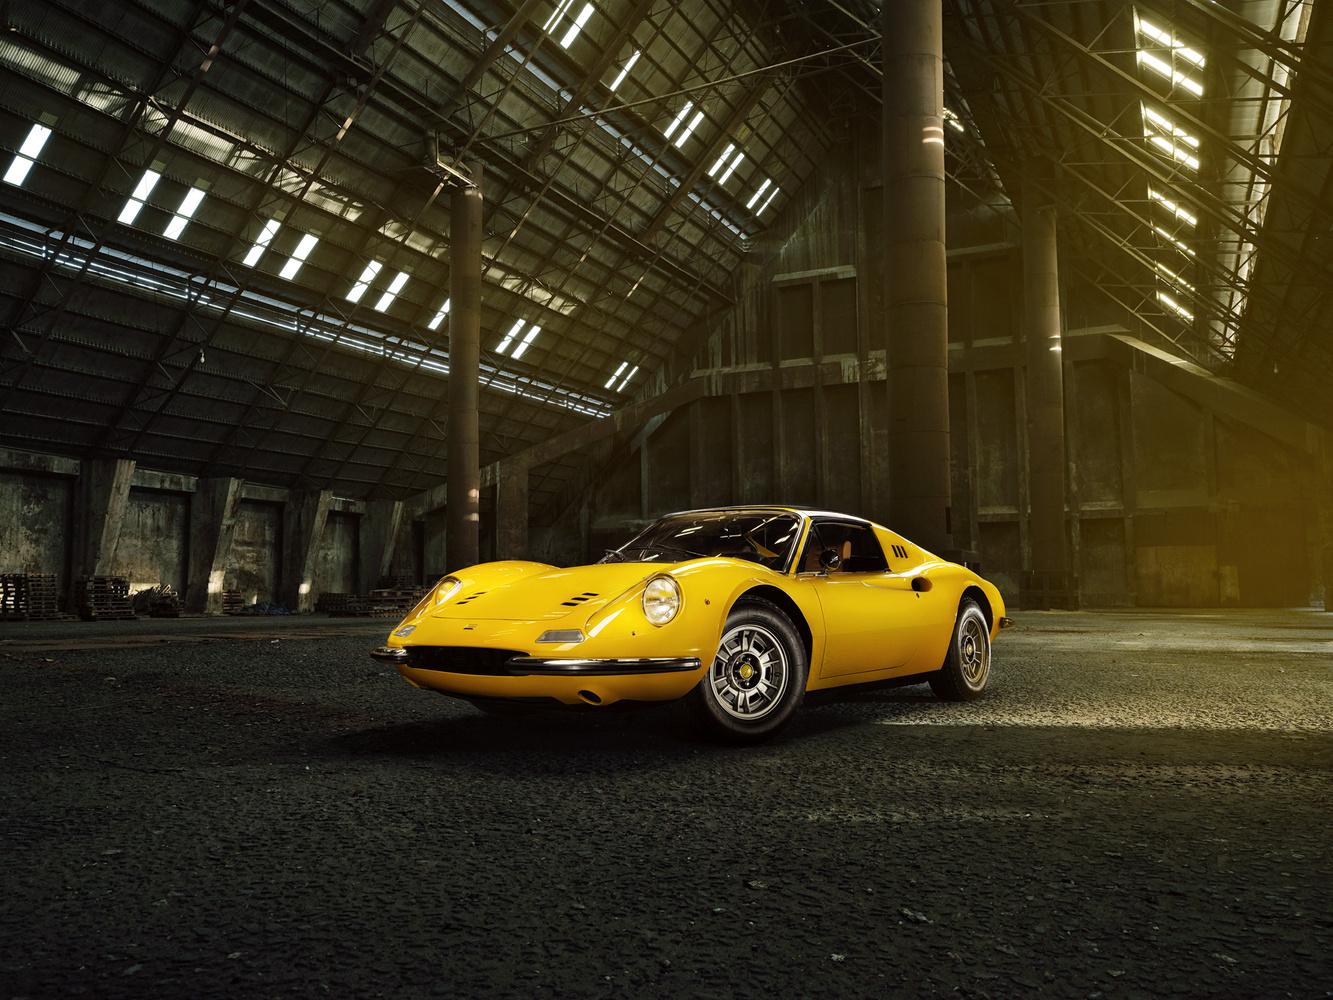 Ferrari Dino - Front by Jan Gonzales